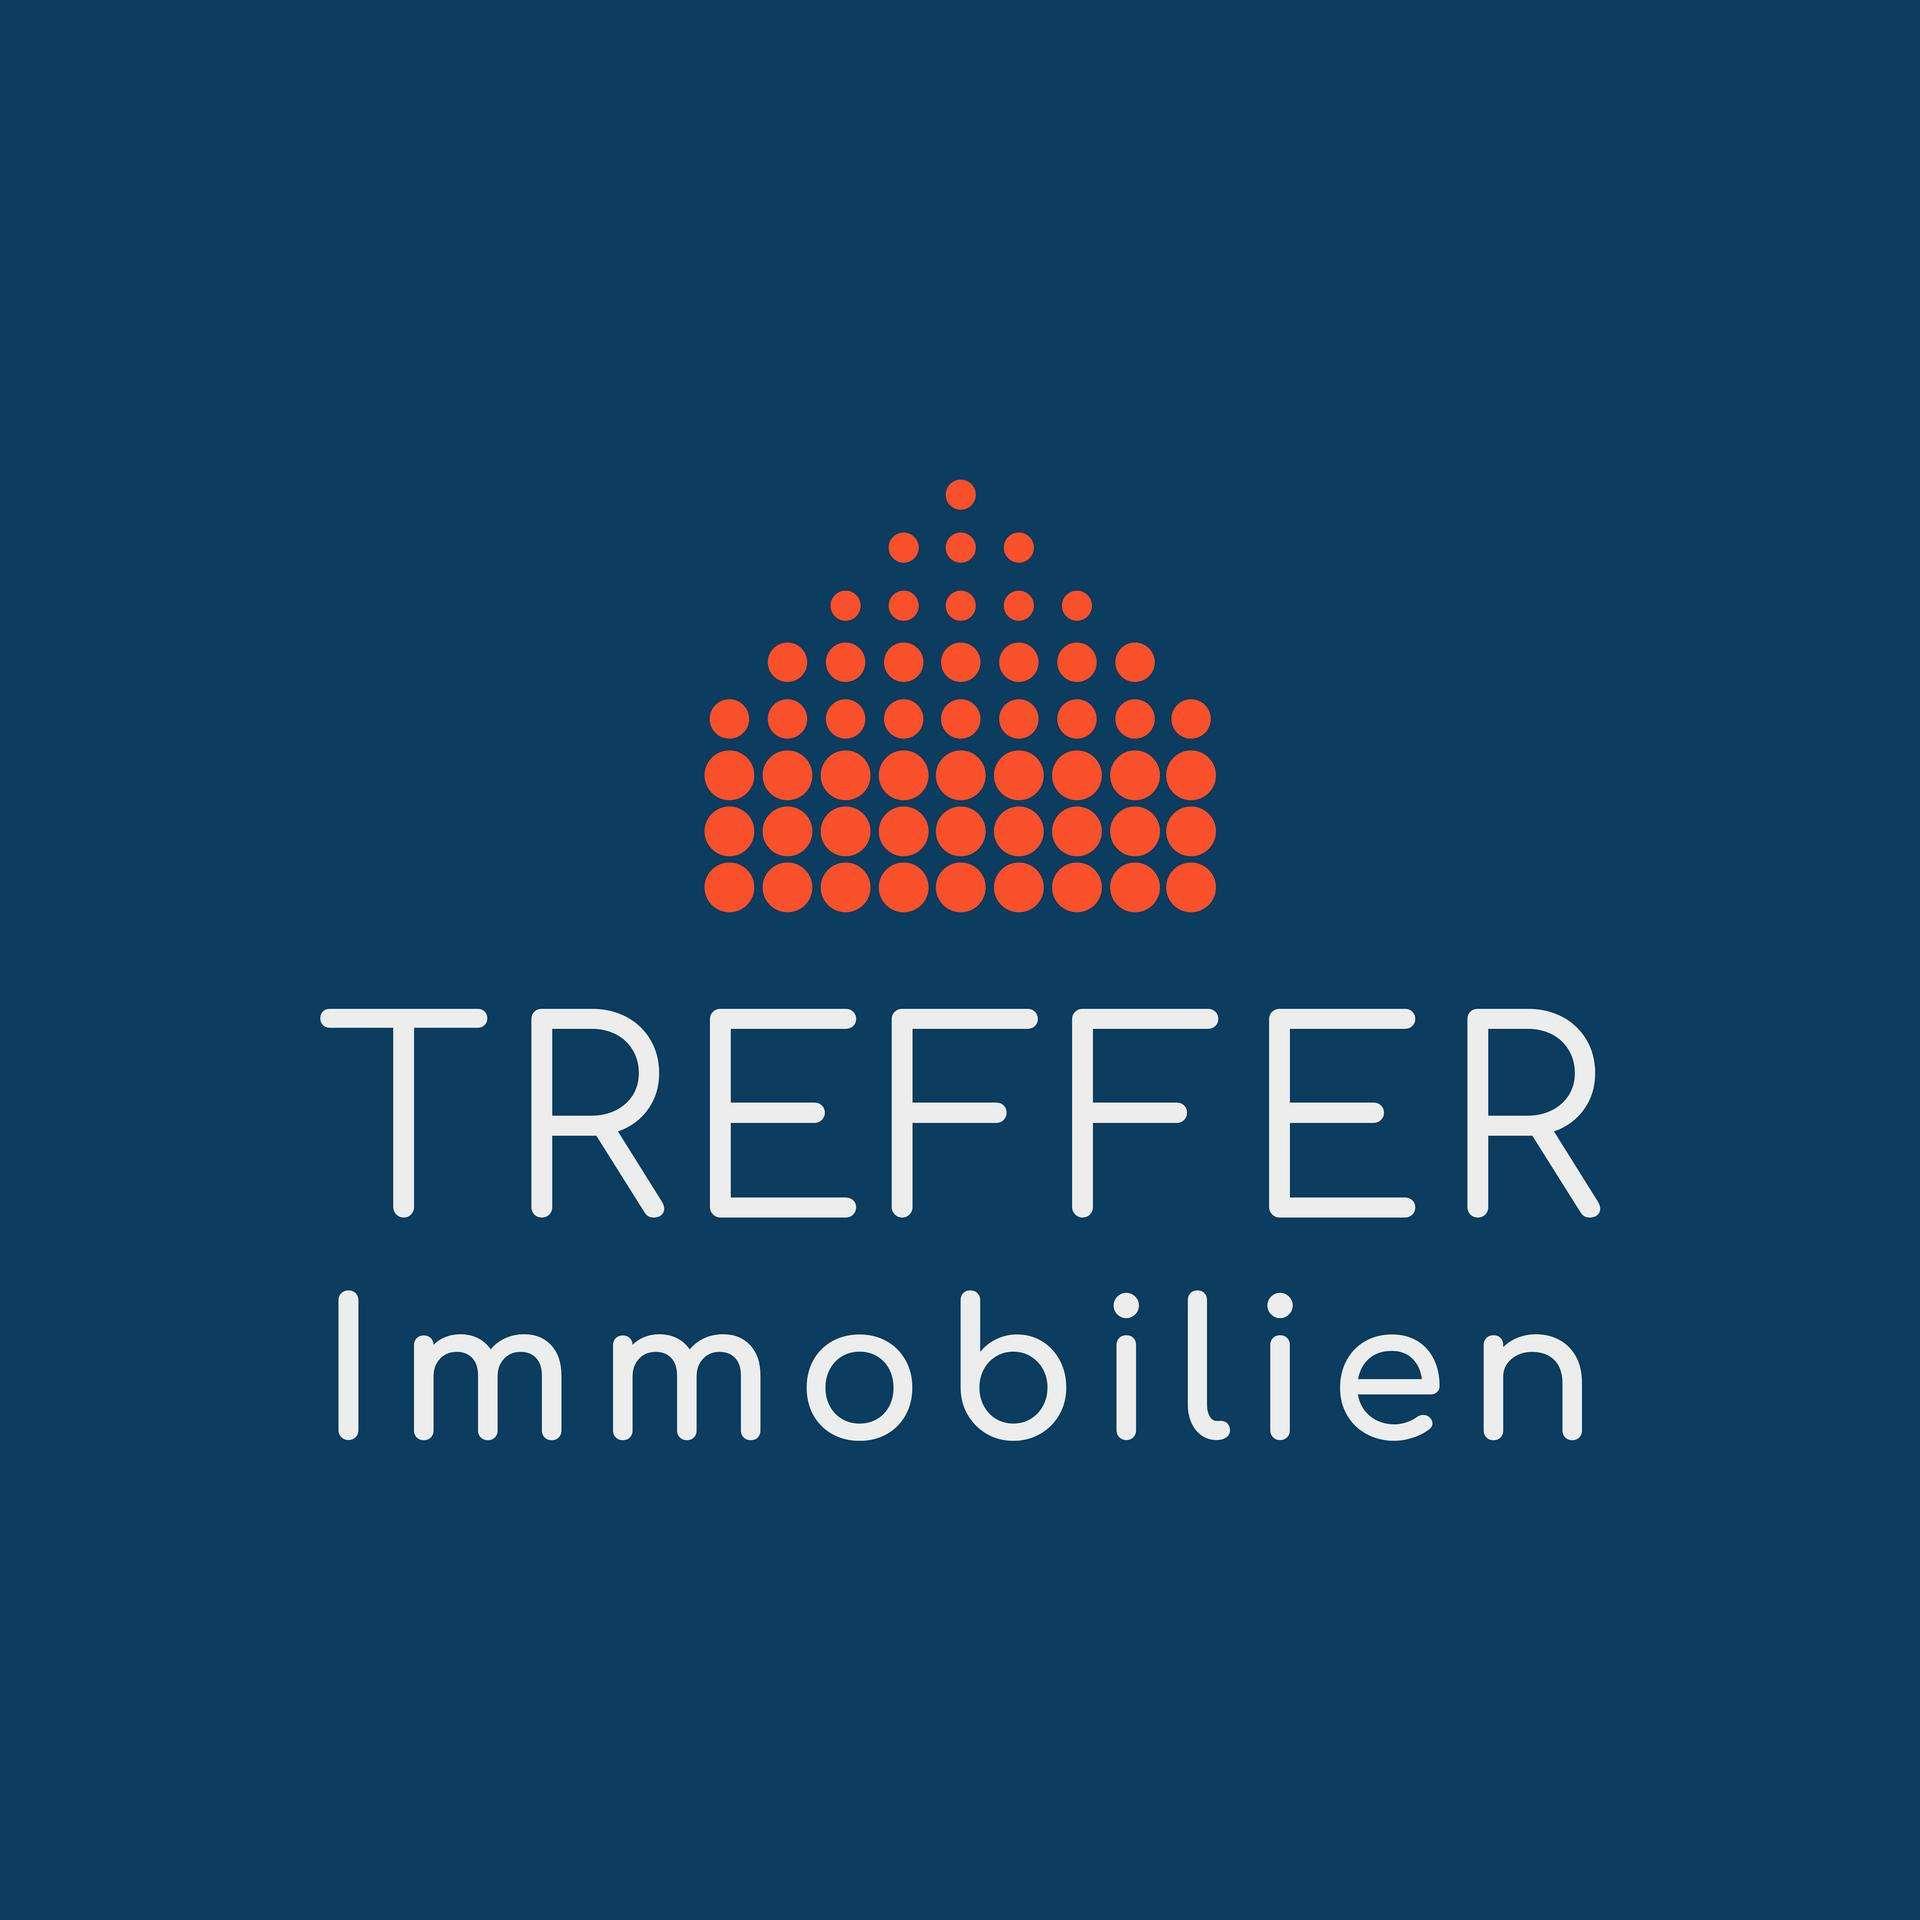 Makler Treffer Immobilien e.U. logo